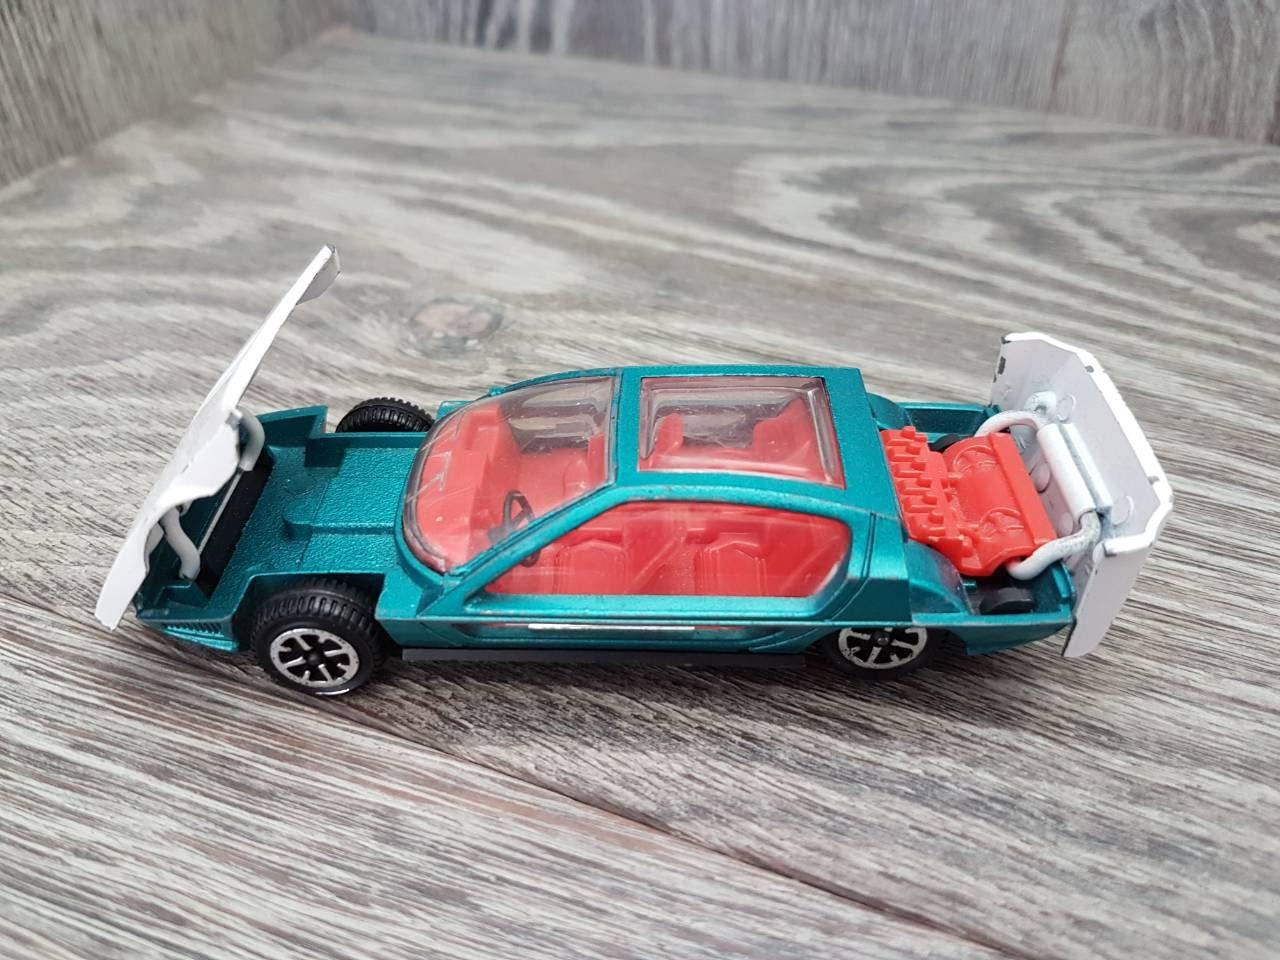 Lamborghini Marzal Lamborghini Car Dinky Toys Dinky Car Etsy